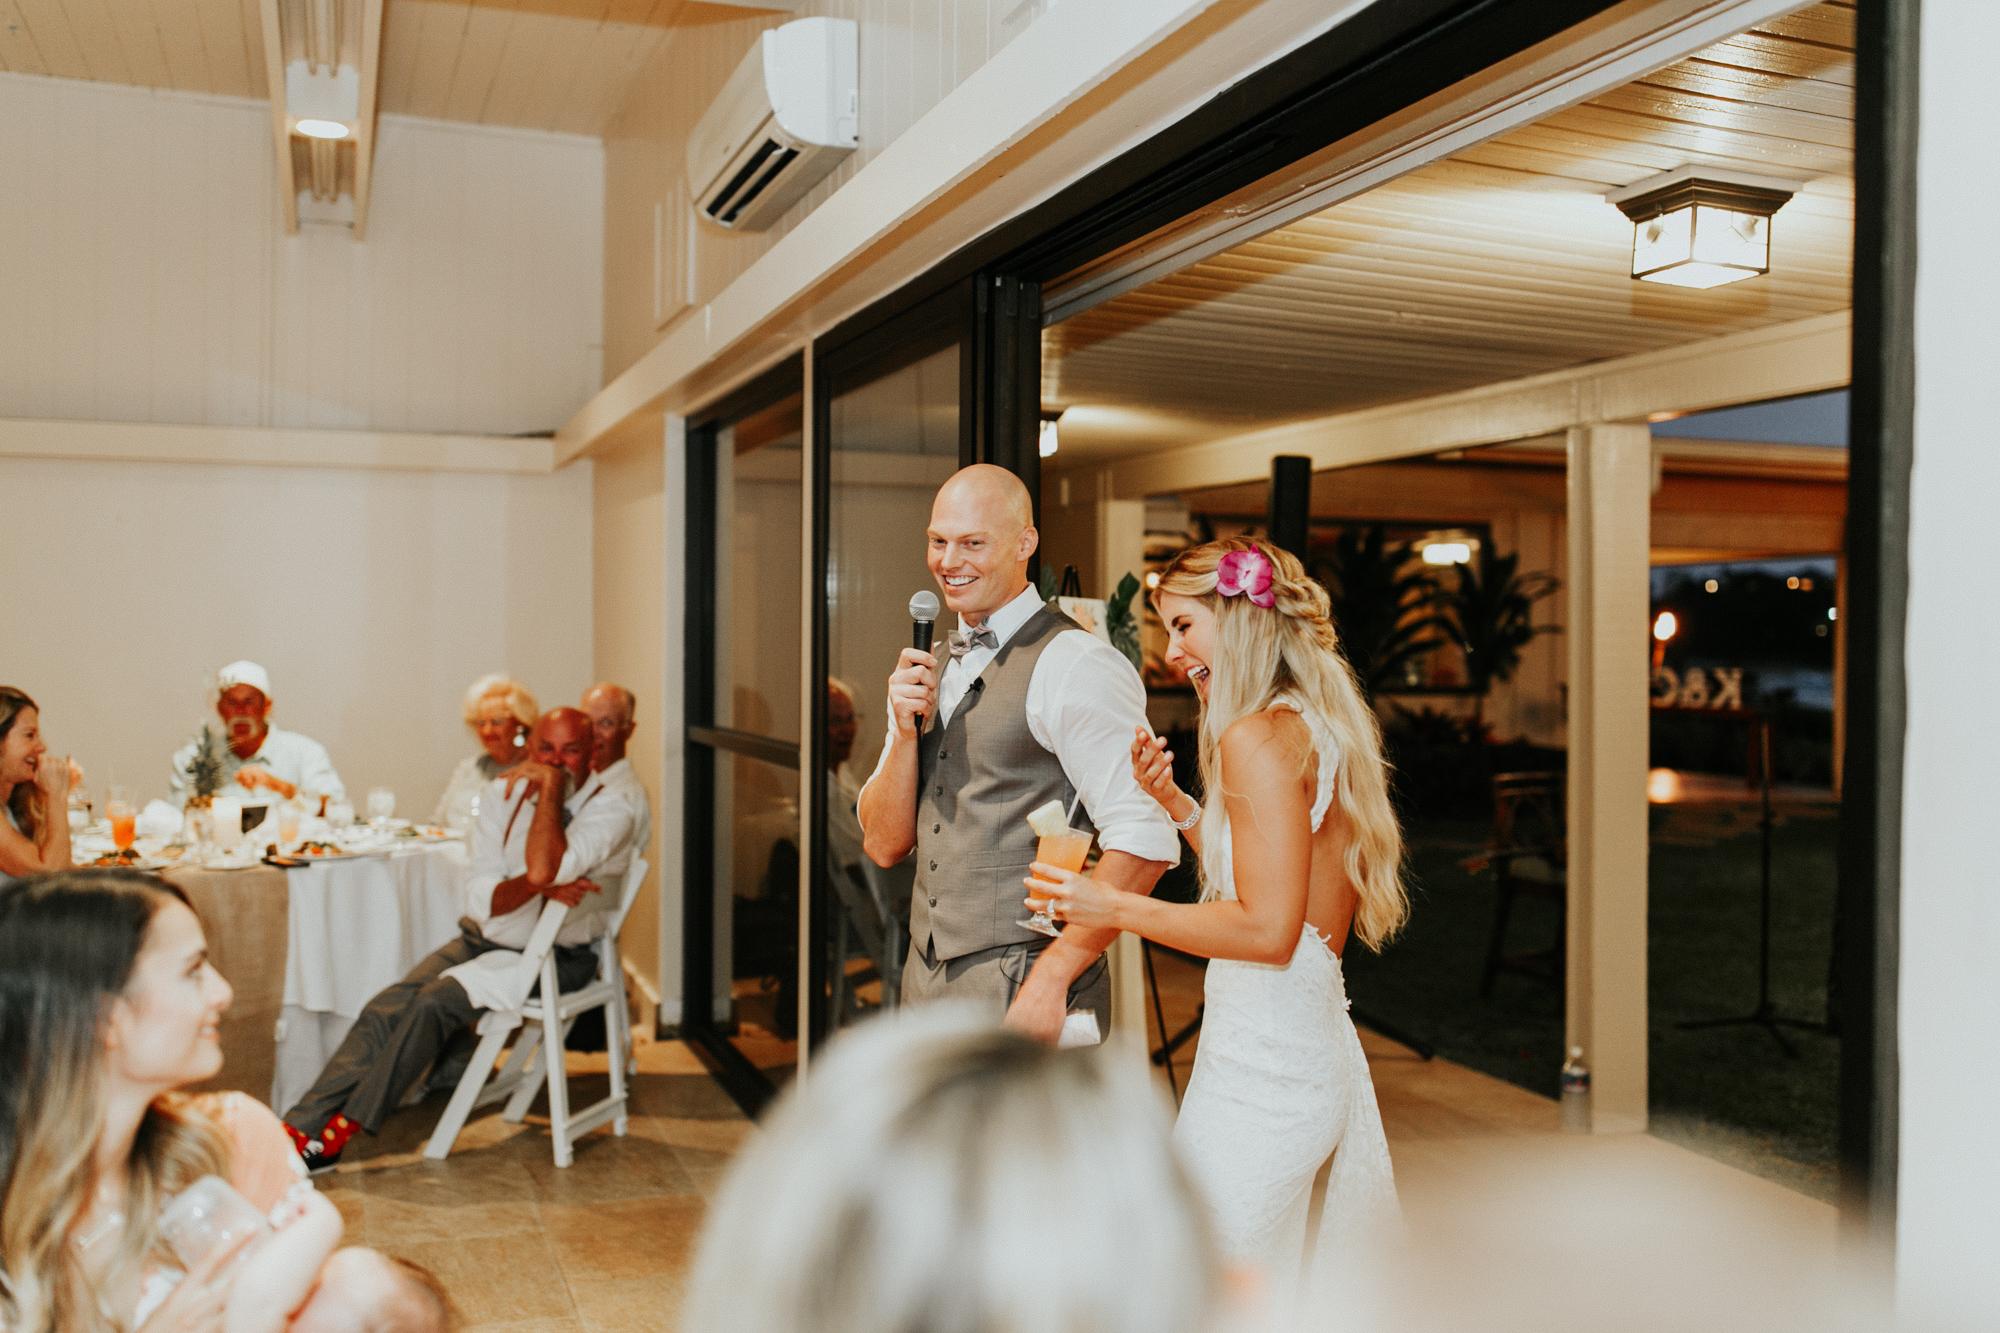 destination-wedding-photographer-hawaii-maui-elopement-114.jpg